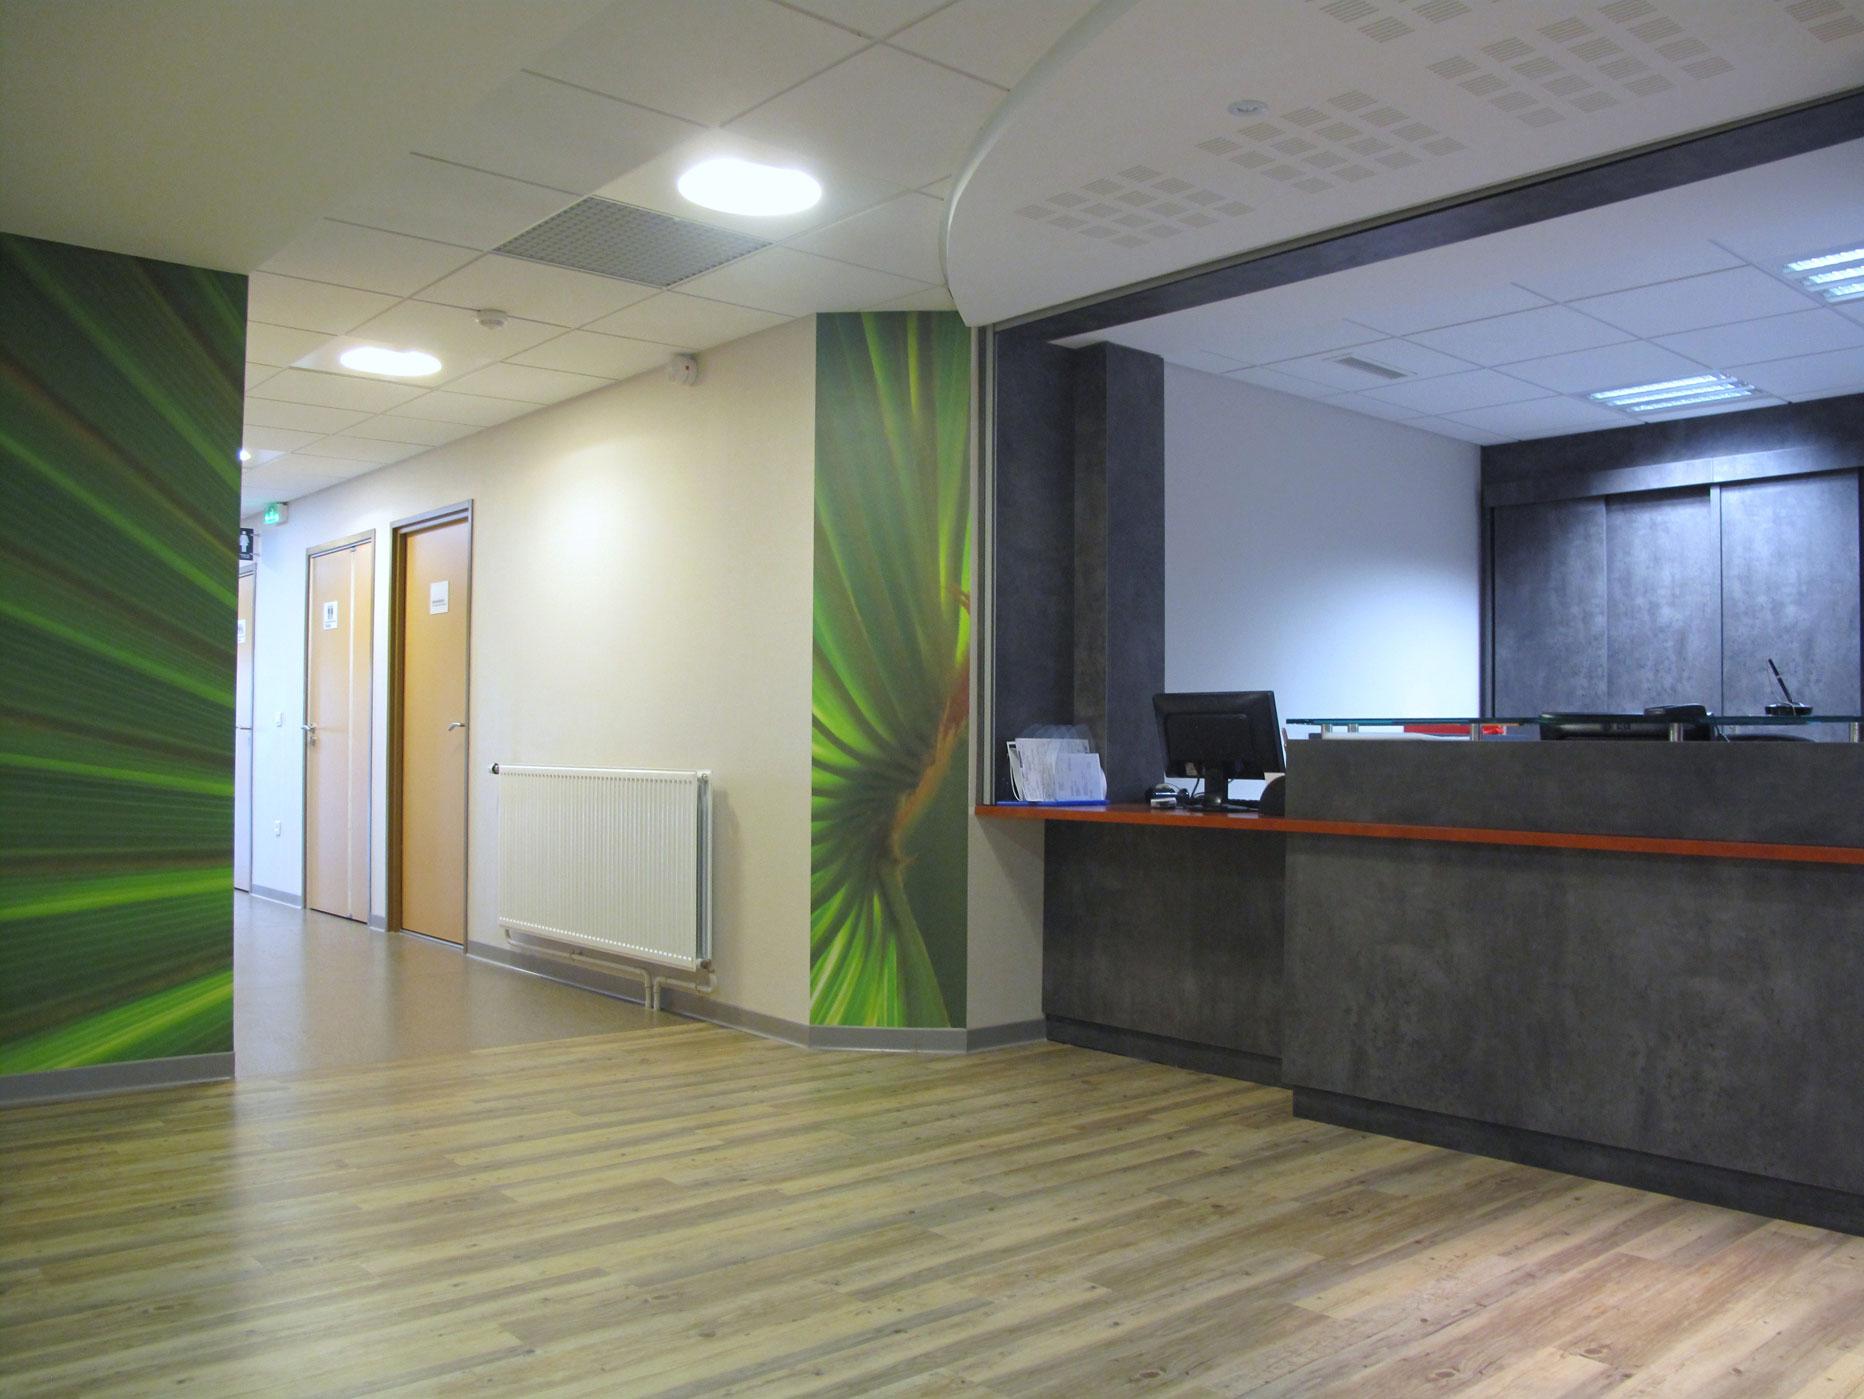 Cabinet a3 architectes projets d 39 architecture dans le domaine de l 39 hospitalier - Cabinet analyses medicales ...